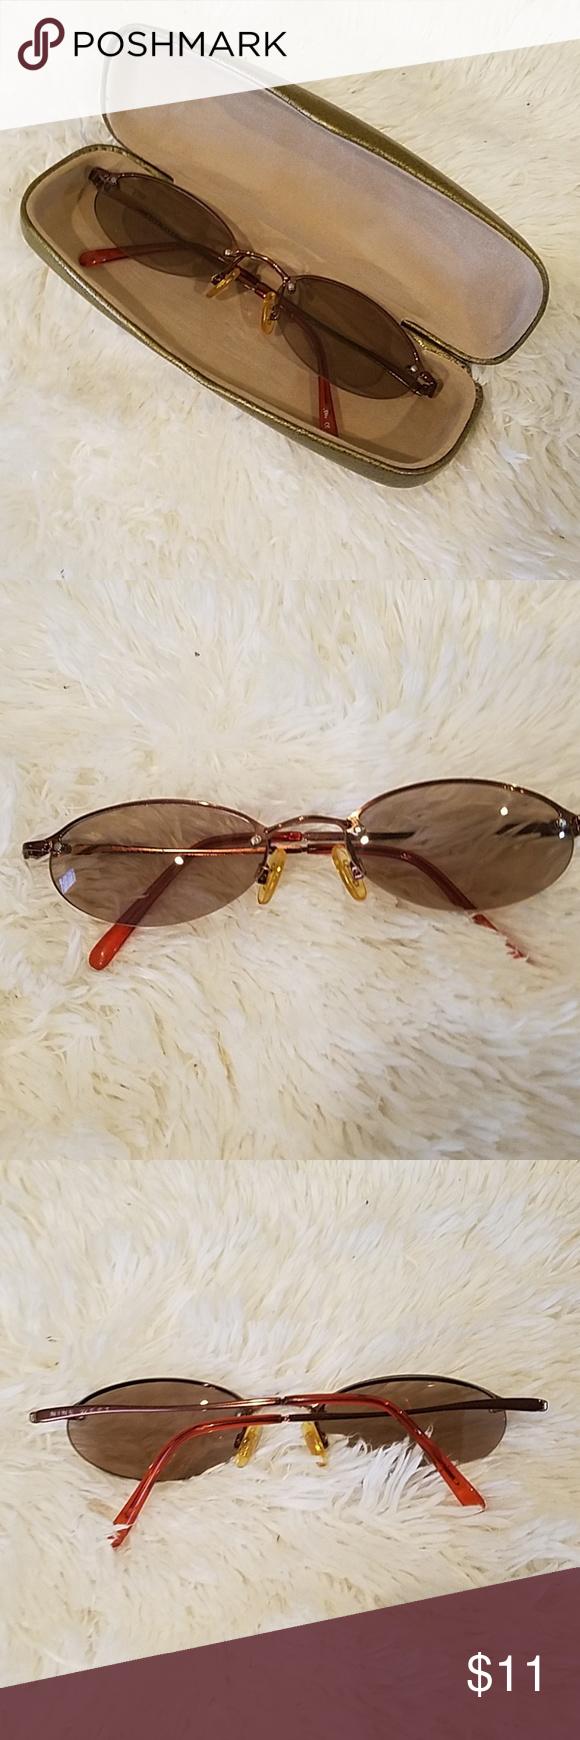 e63aa655cb Nine West Vintage Sunglasses Nine West bronze wire frame sunglasses.  Excellent condition